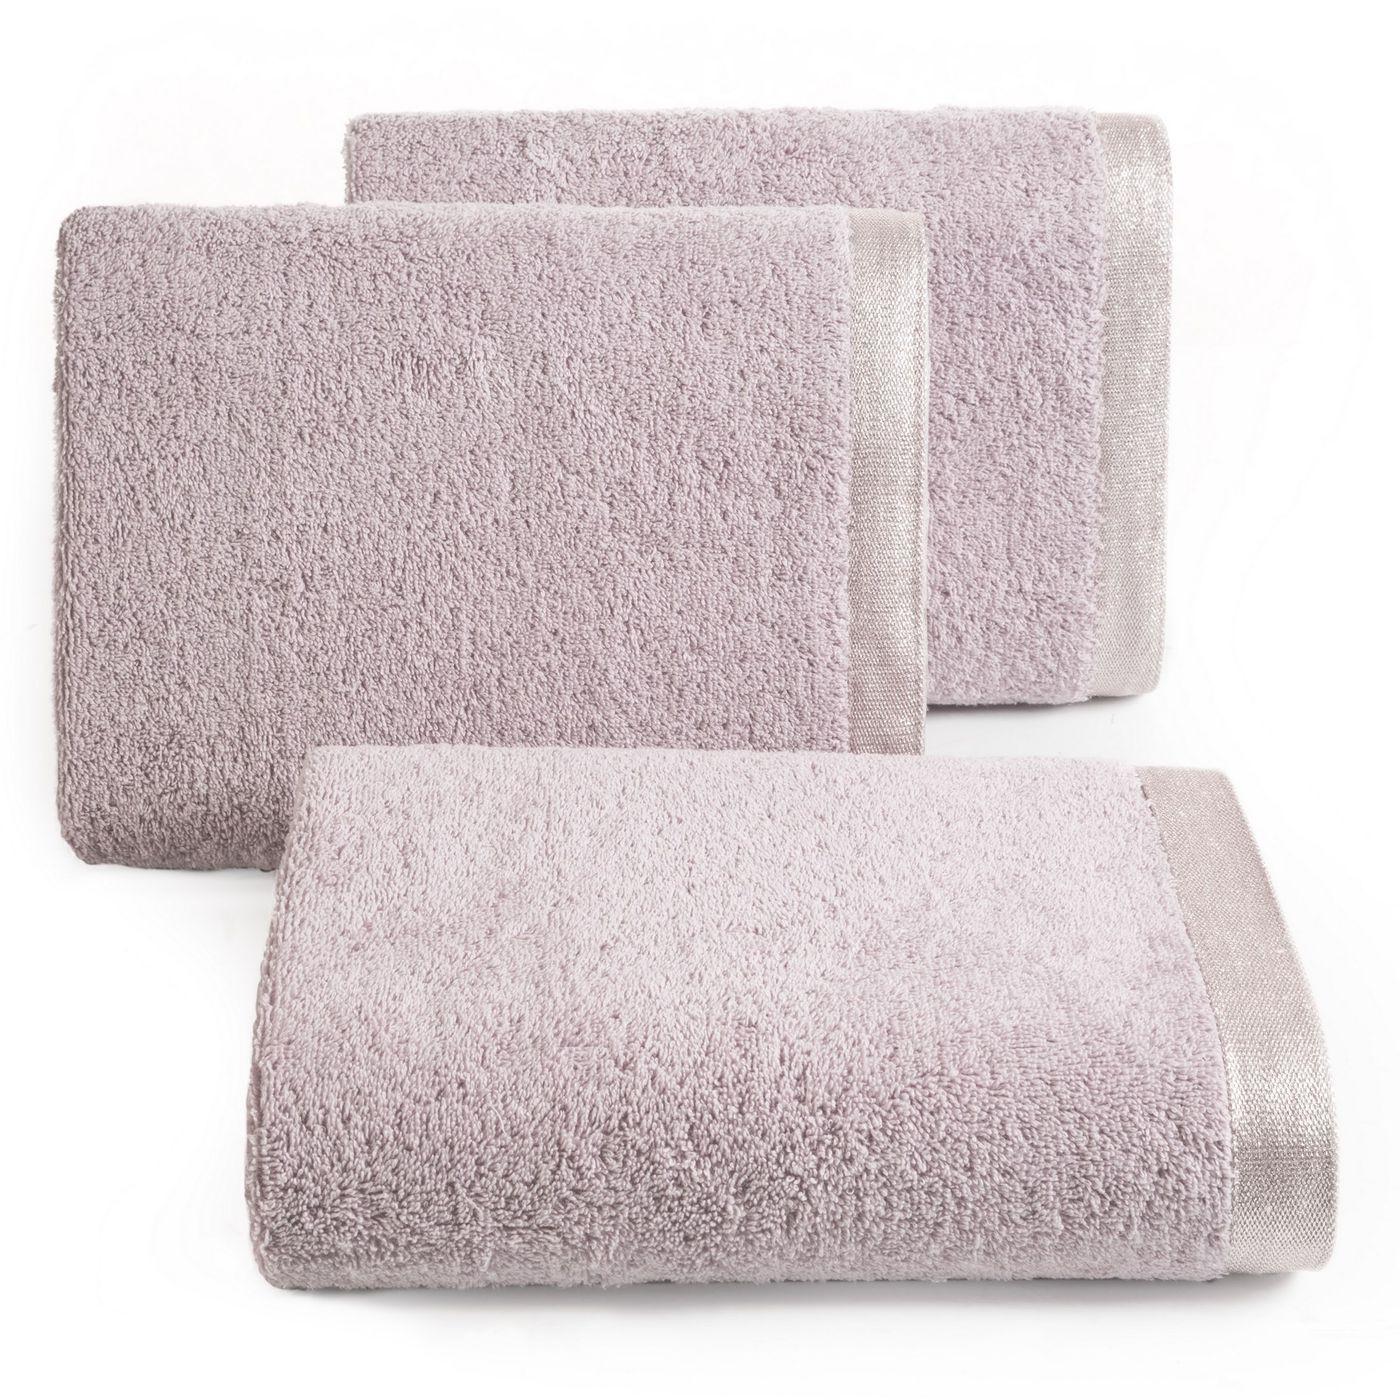 Ręcznik z bawełny z błyszczącym brzegiem 70x140cm różowy